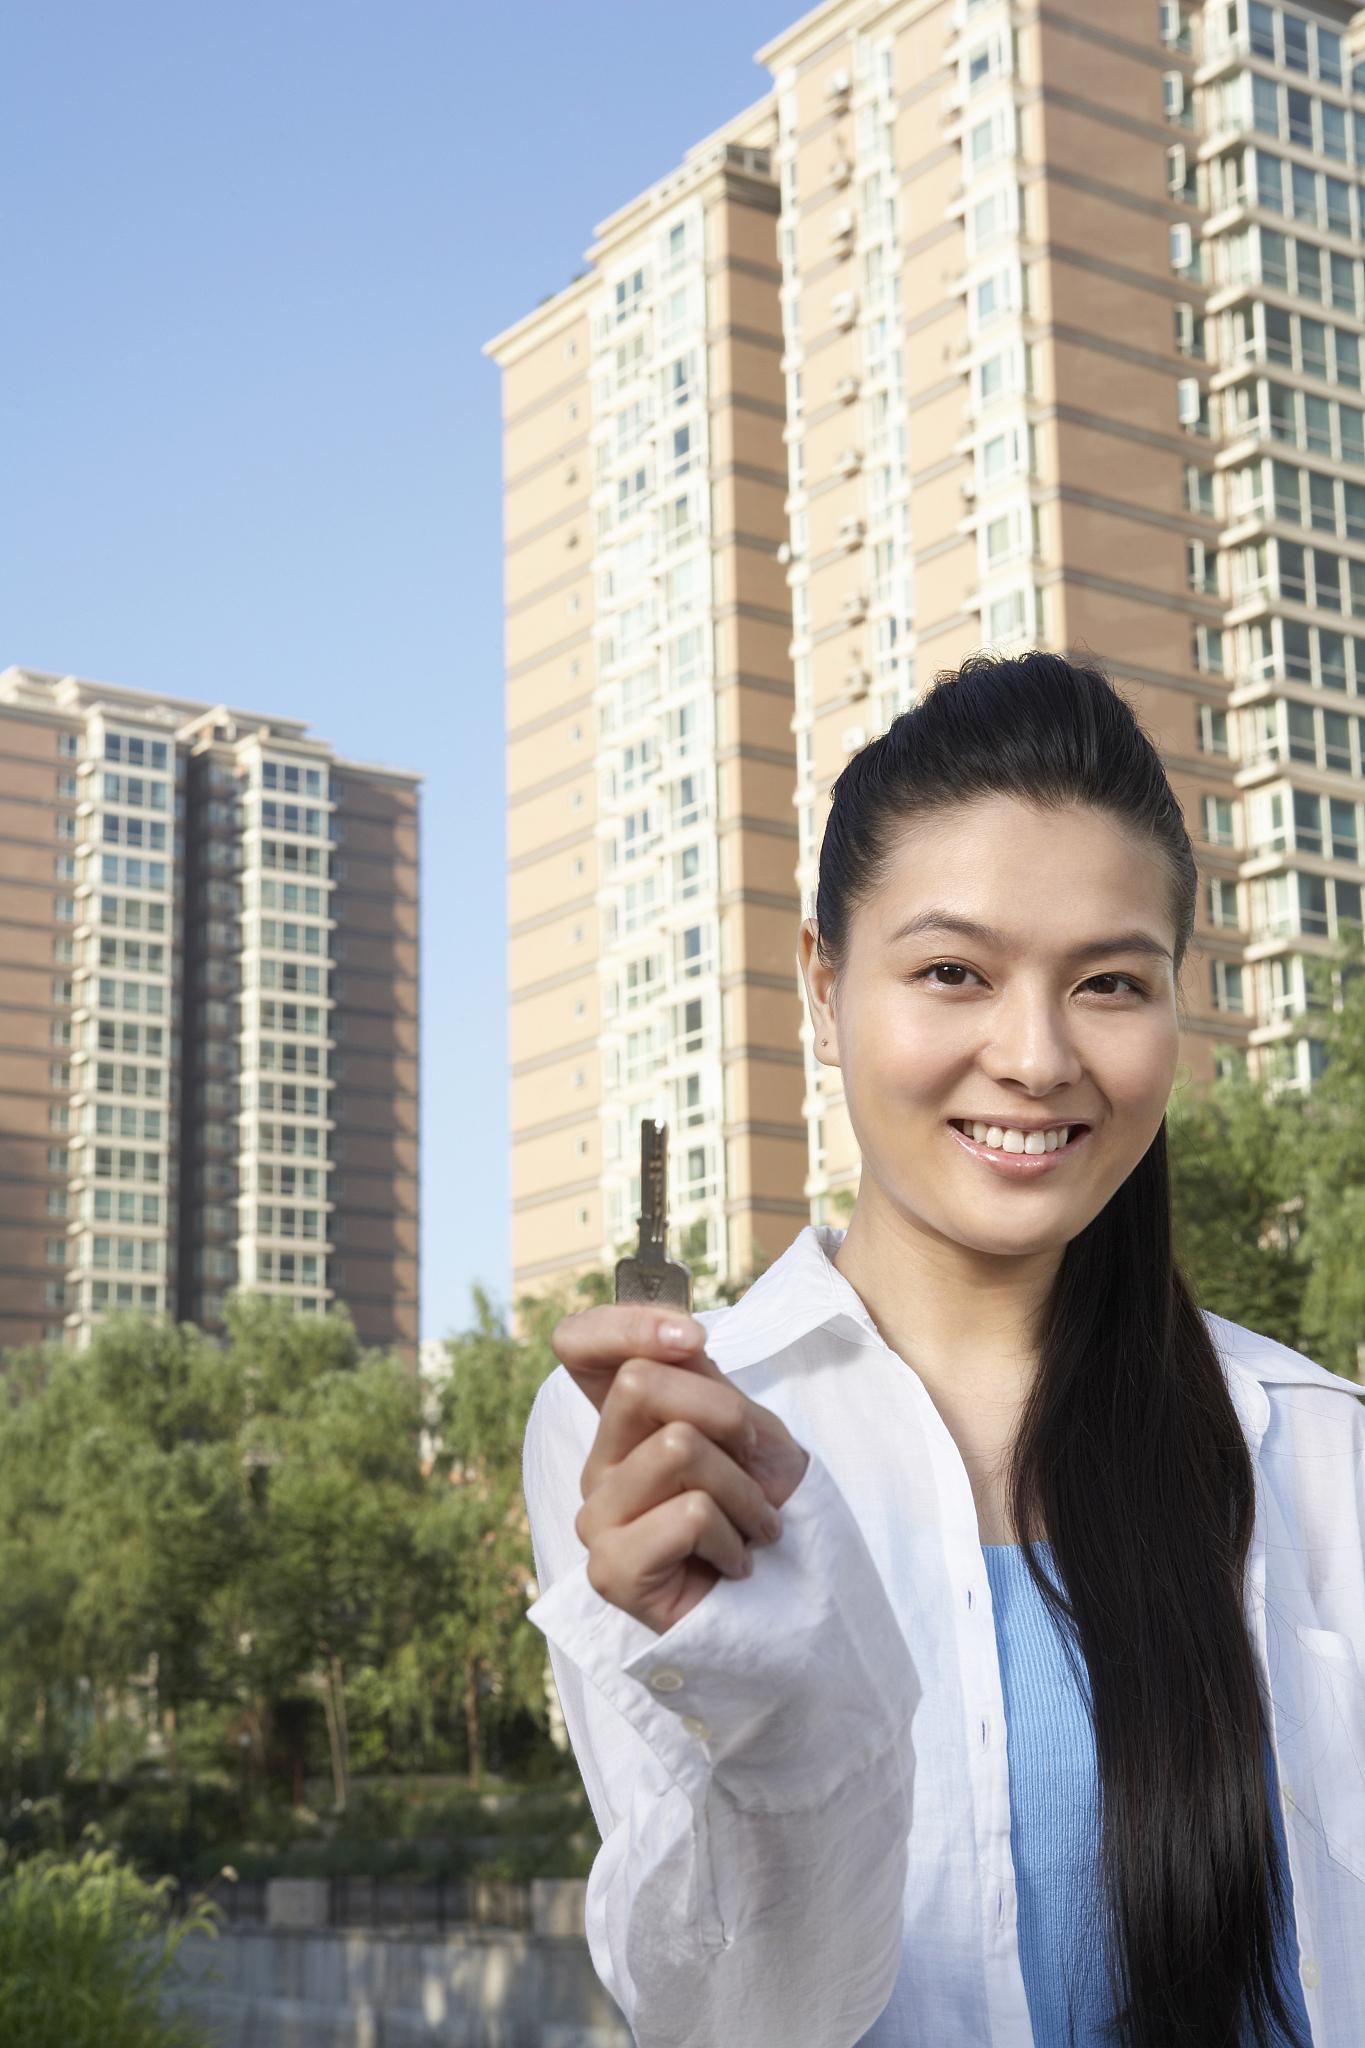 广州哪里适合养老定居 海口和广州哪个适合定居